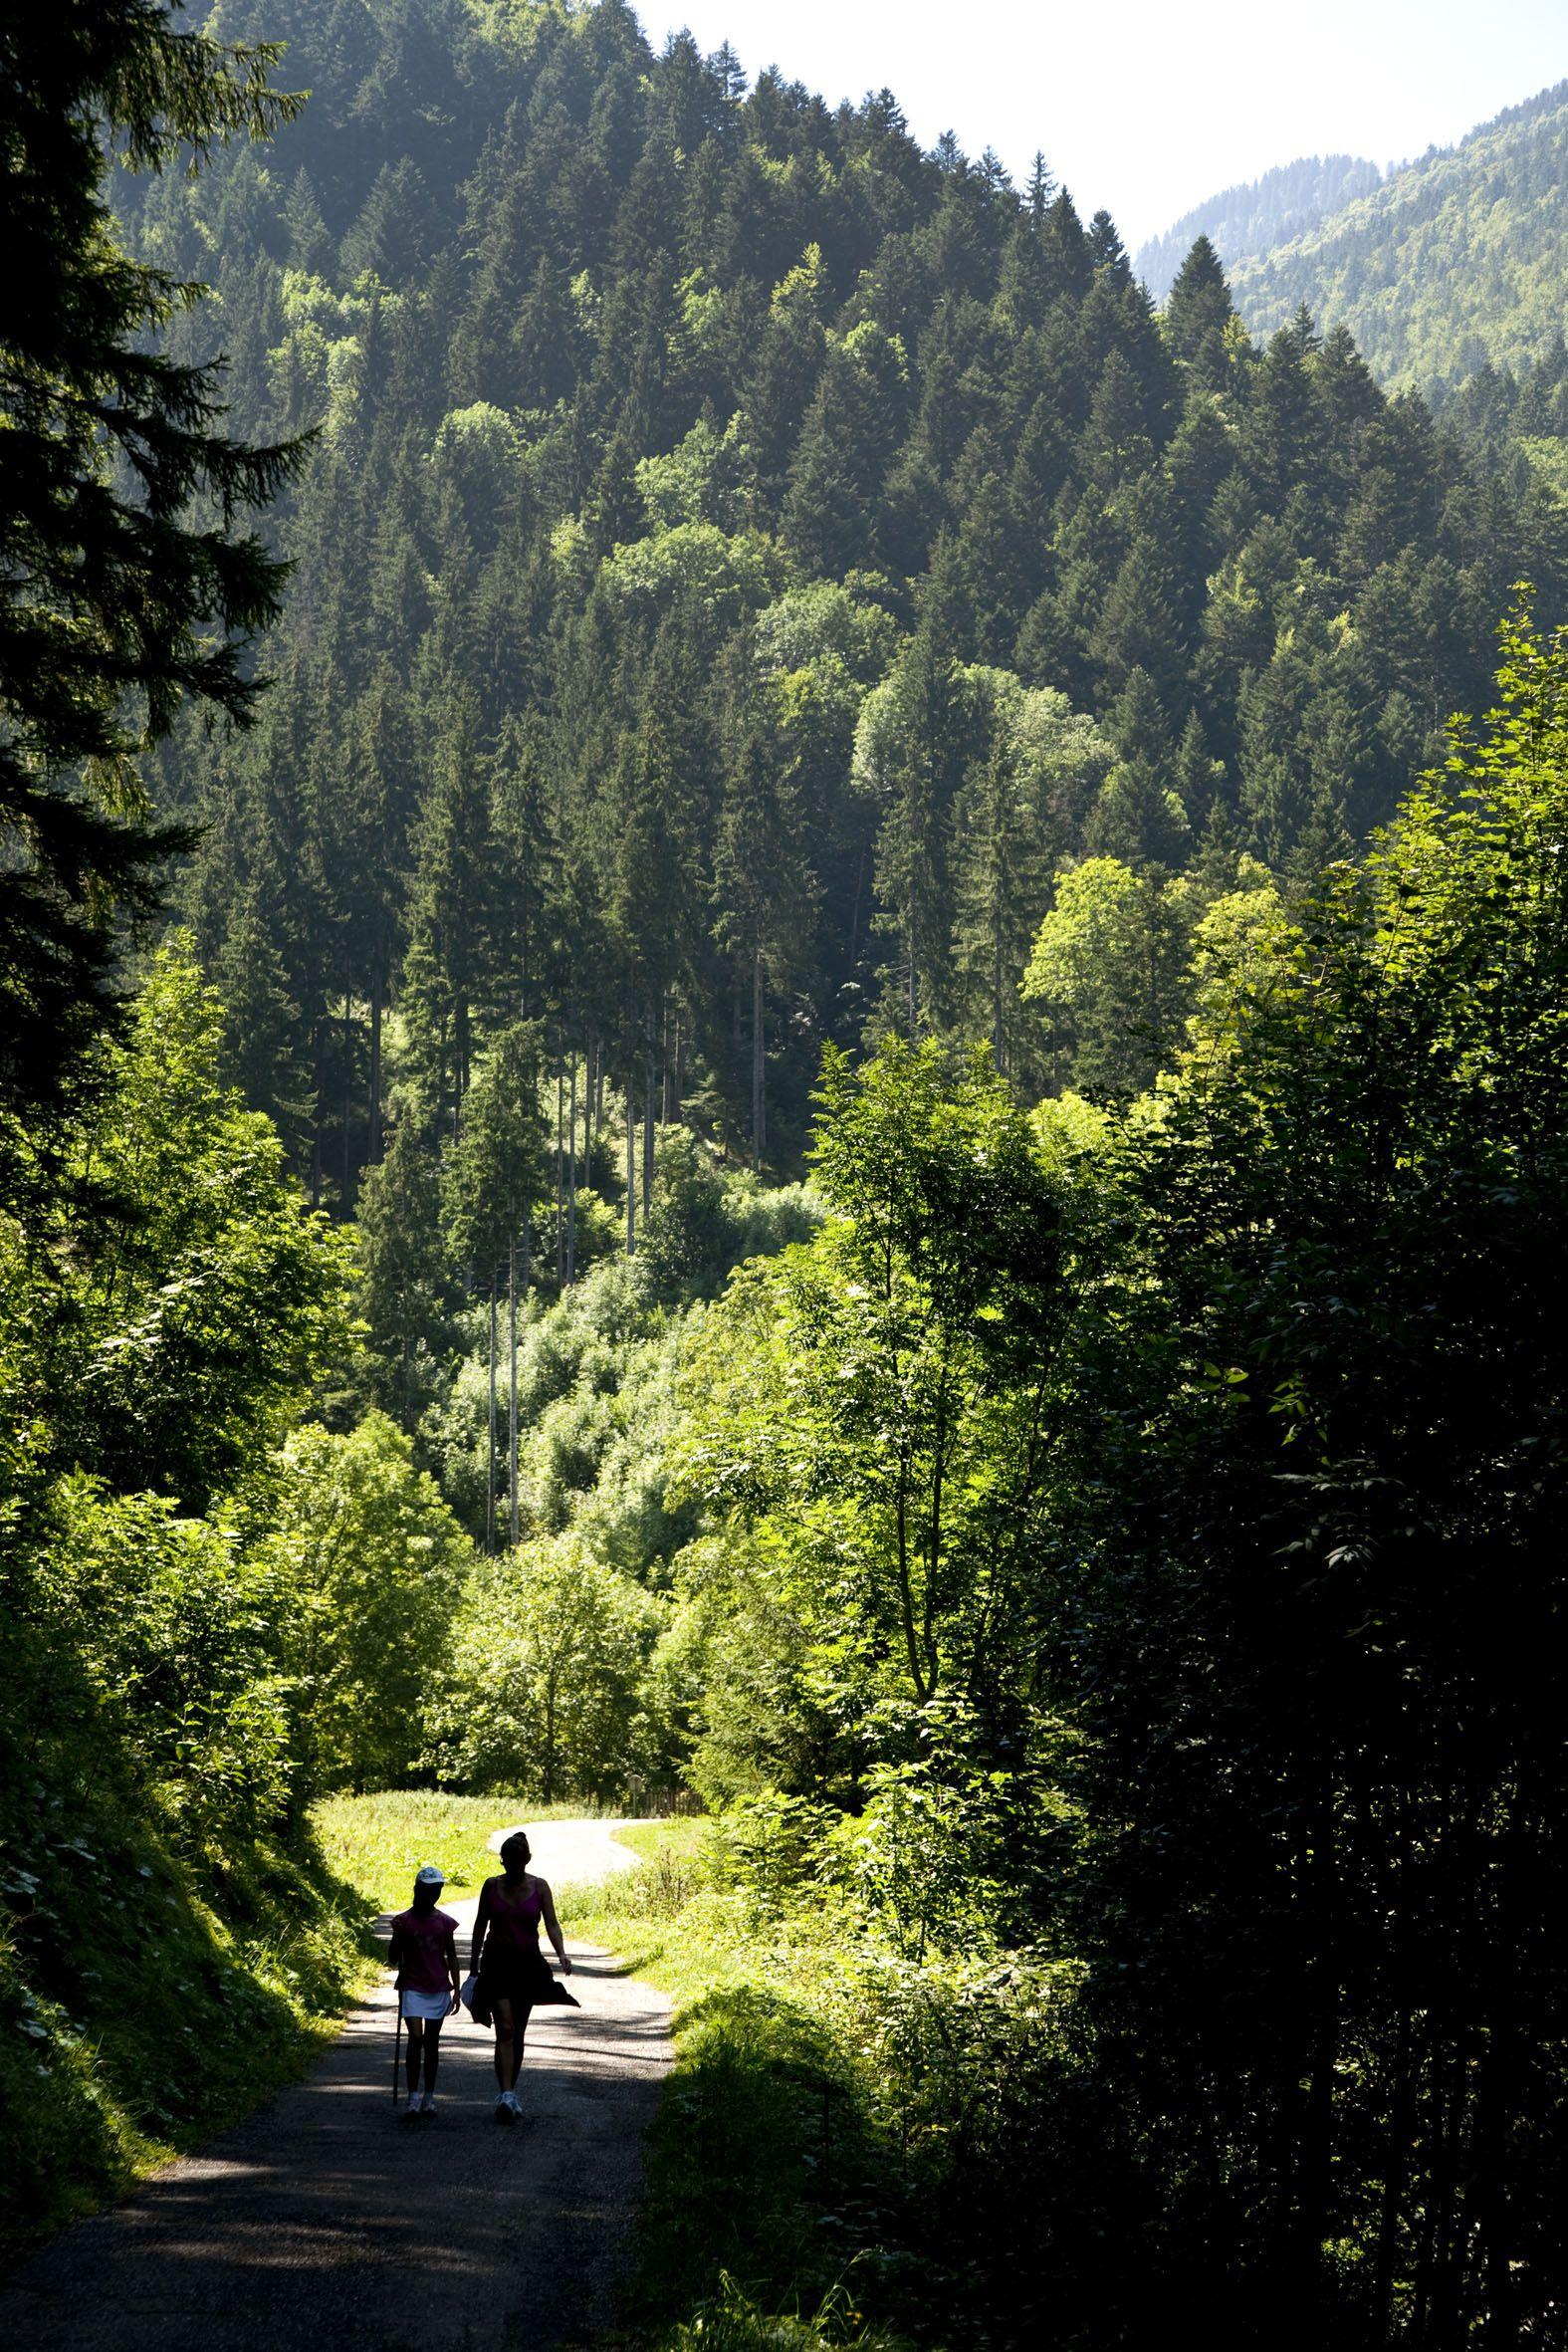 Les 10 Plus Beaux Parcs Naturels Régionaux De France Parc Naturel Parc Naturel Régional Beau Parc